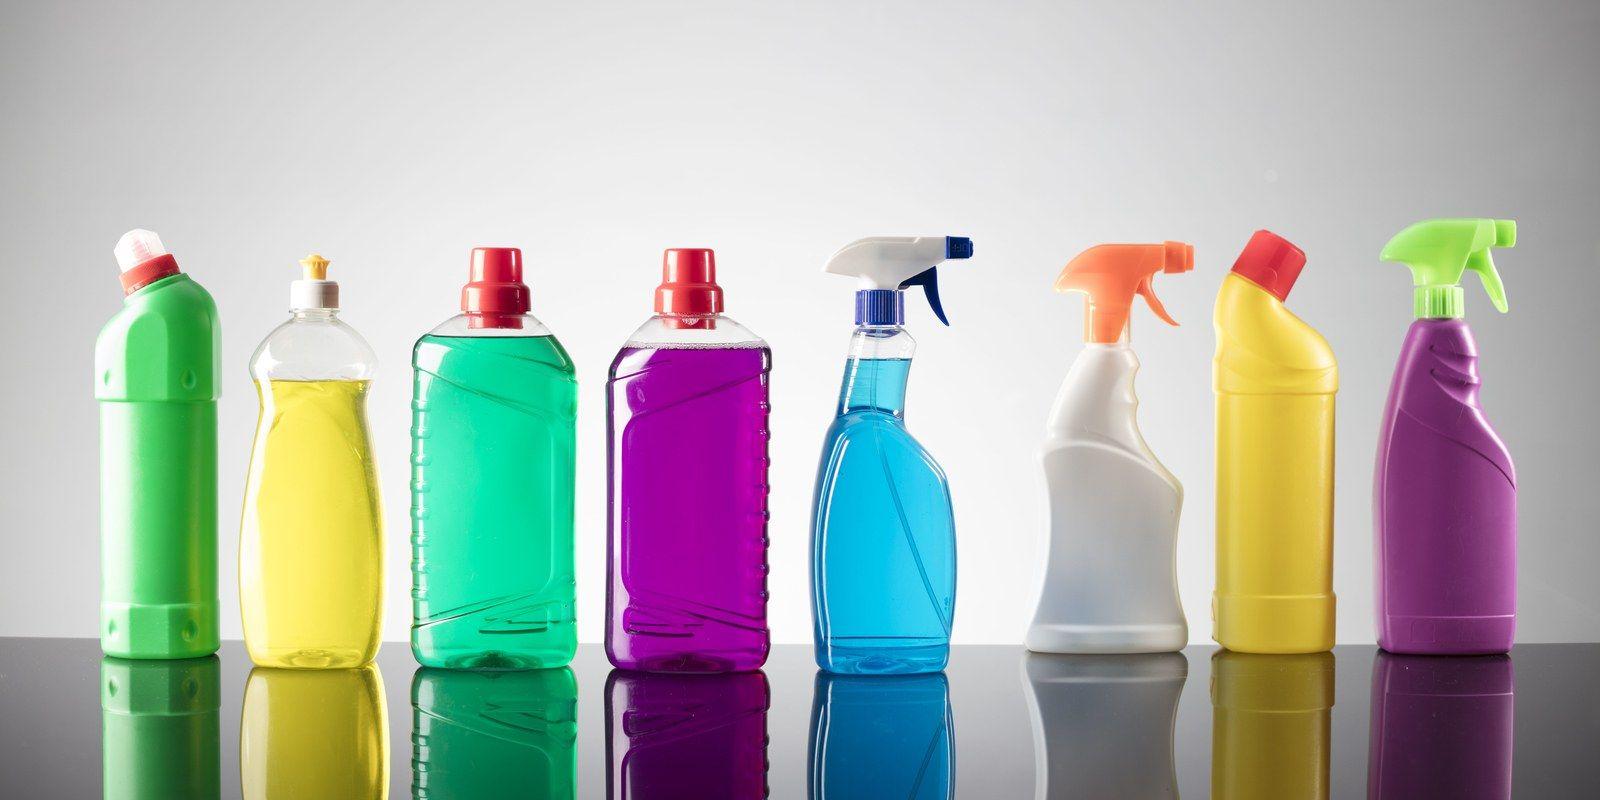 Foto de Productos de limpieza industrial